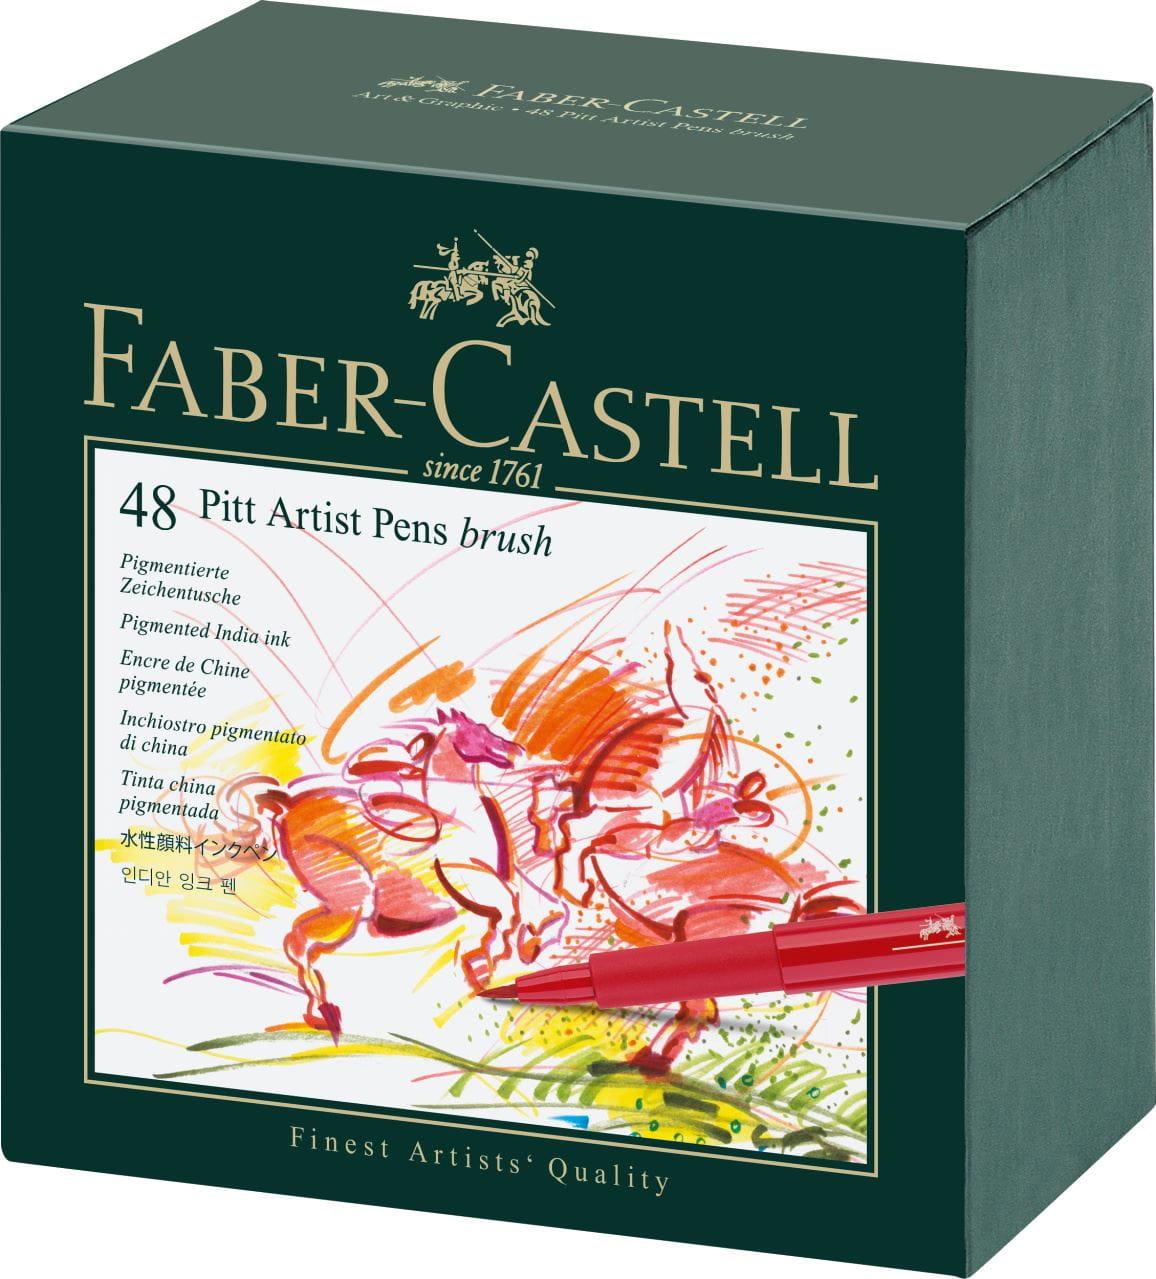 Faber-Castell - Pitt Artist Pen Brush India ink pen, studio box of 48